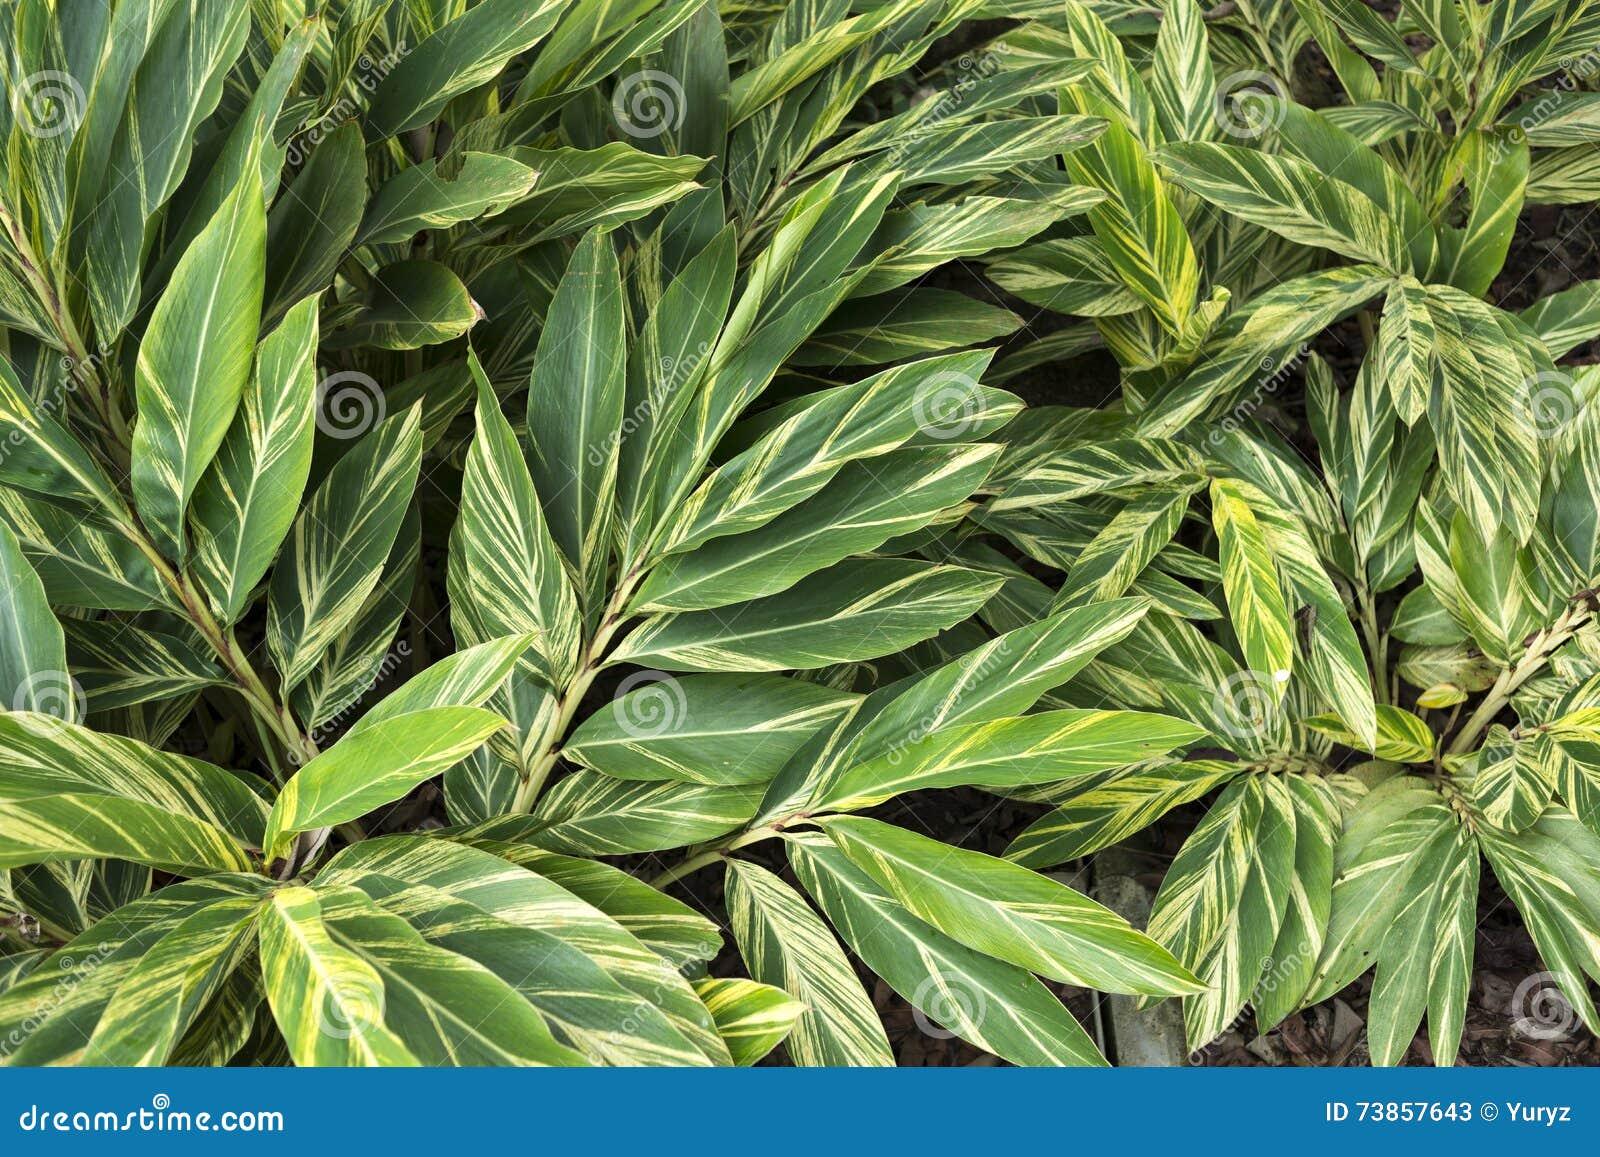 Feuilles de plante tropicale image stock image du for Plante 9 feuilles